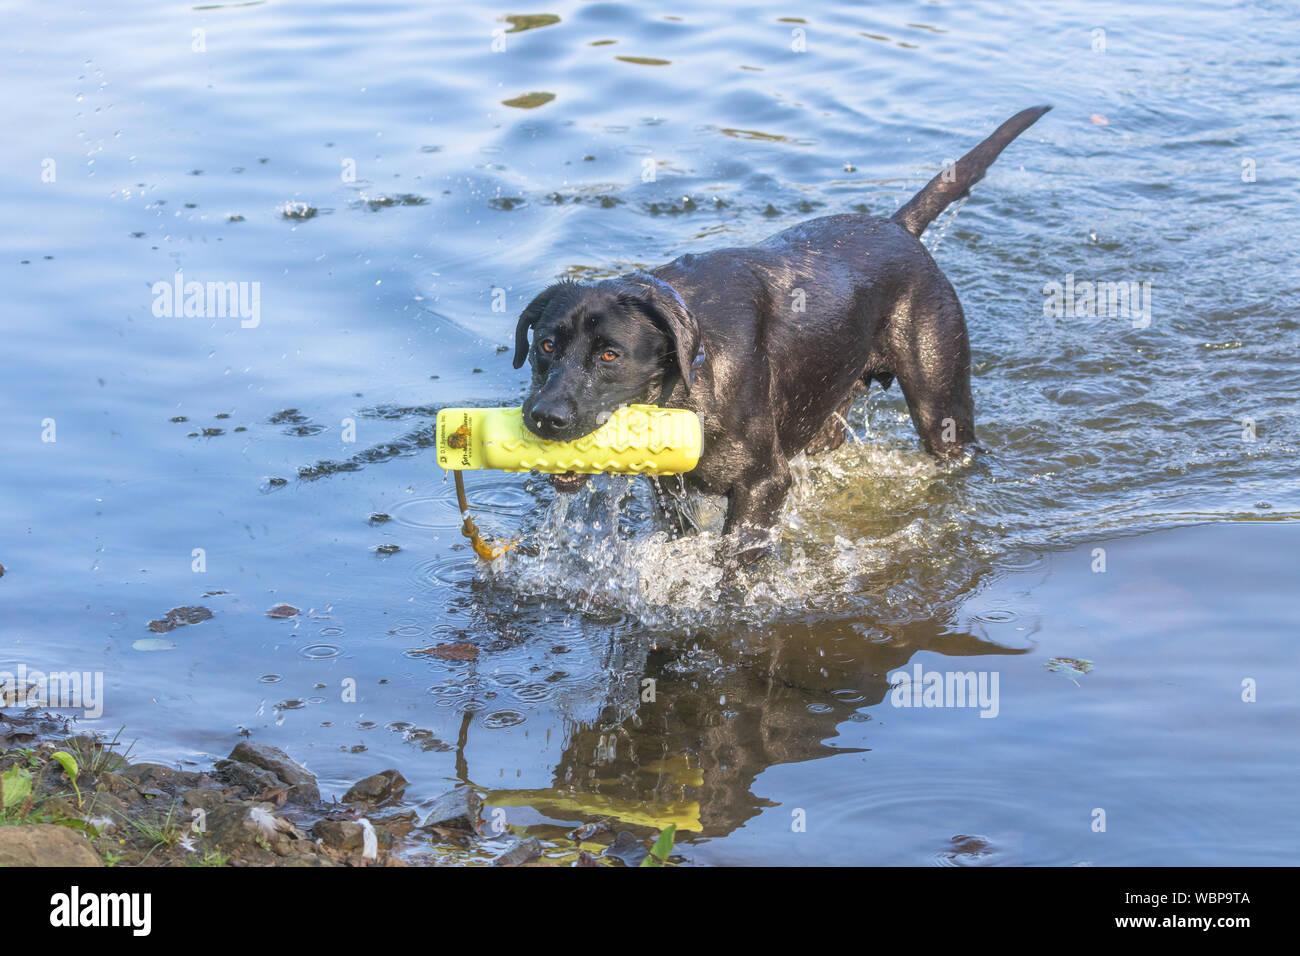 A black Labrador retriever coming out of a lake after retrieving a gundog dummy. Stock Photo